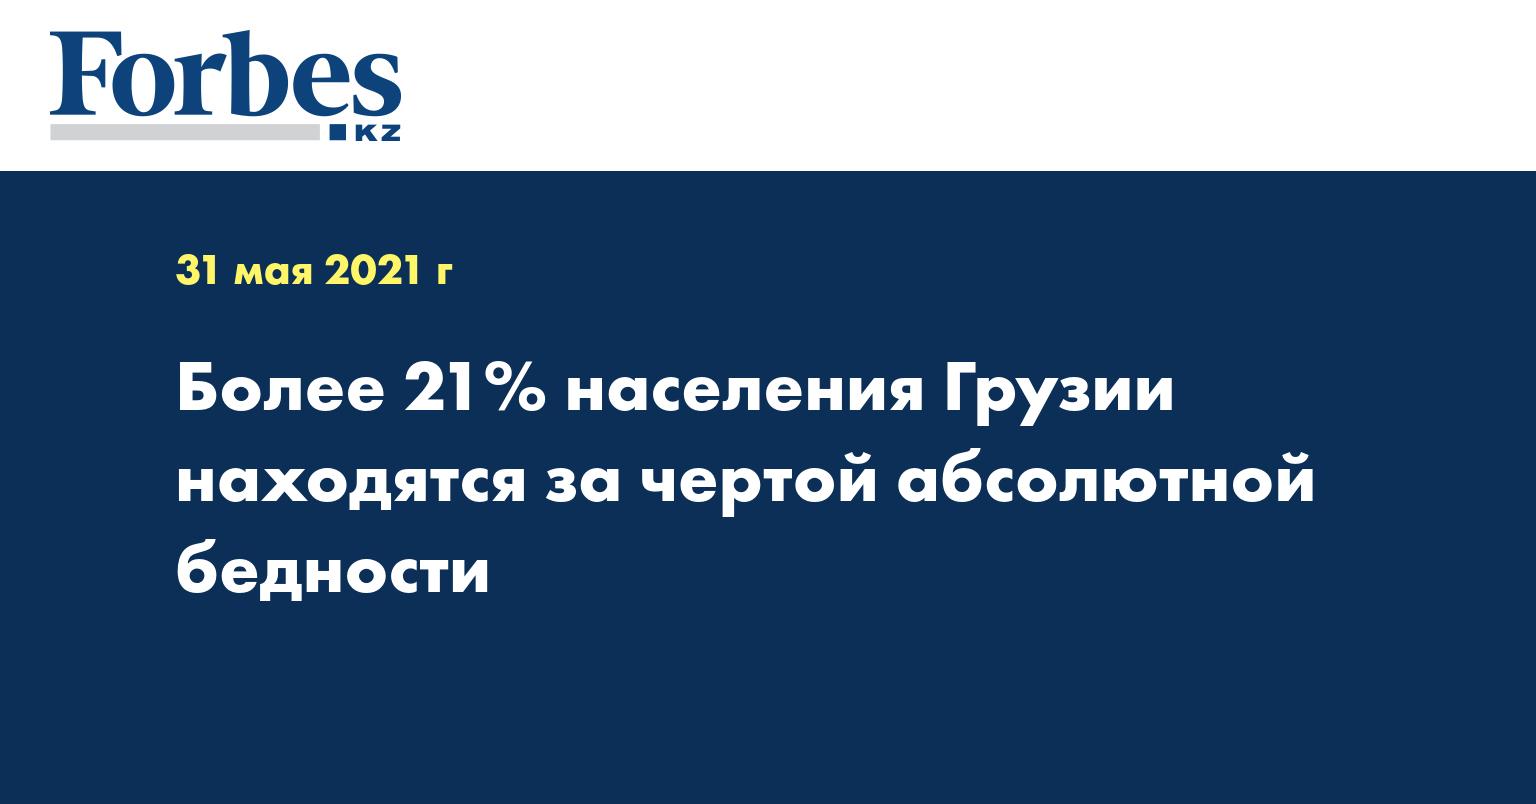 Более 21% населения Грузии находятся за чертой абсолютной бедности